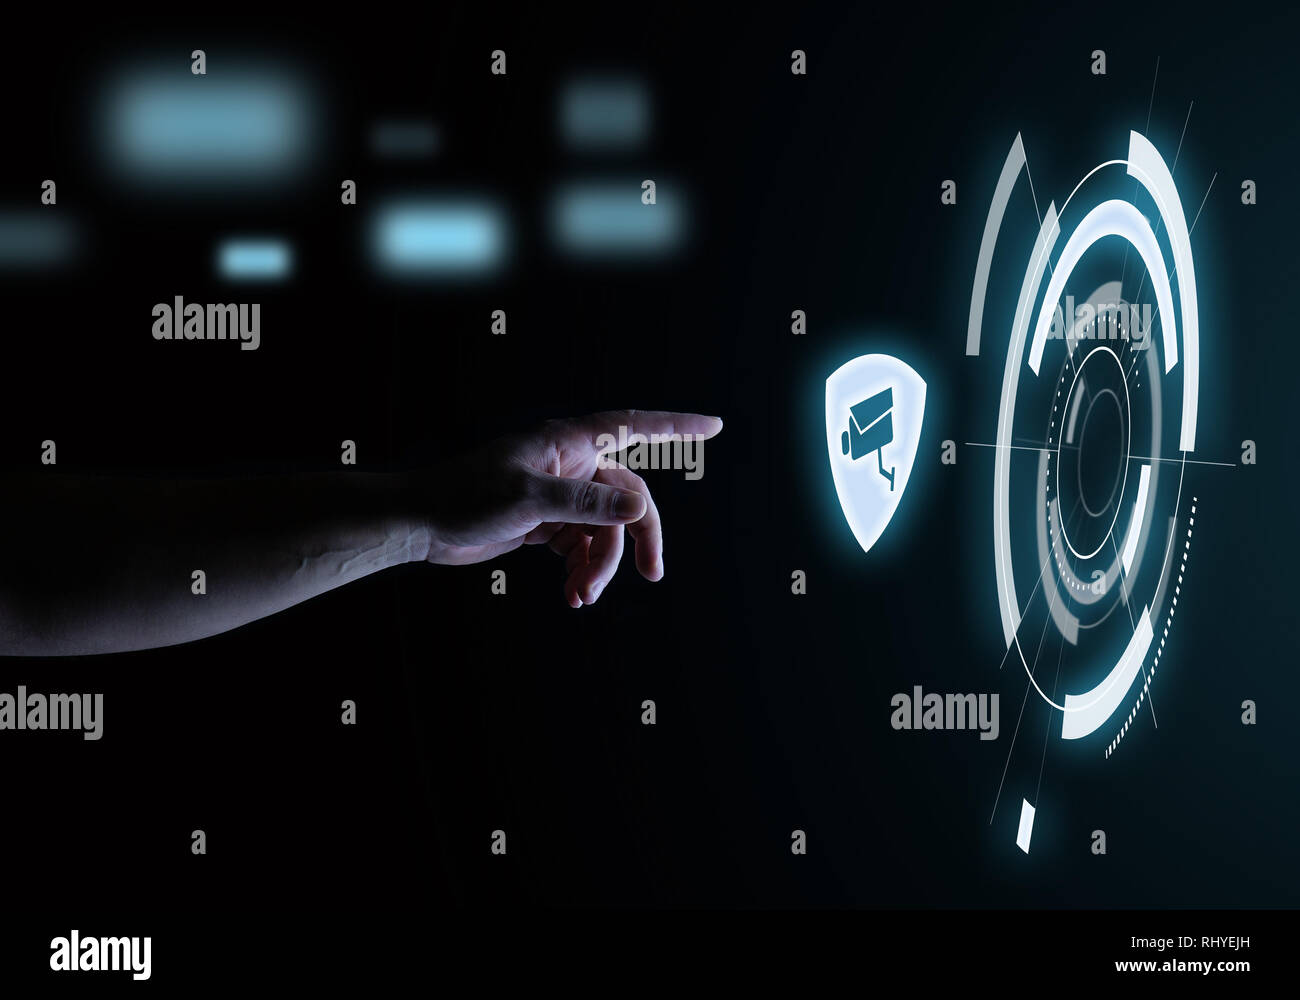 Sistema de seguridad holograma táctil Digital Concepto de tecnología de interfaz de usuario Foto de stock